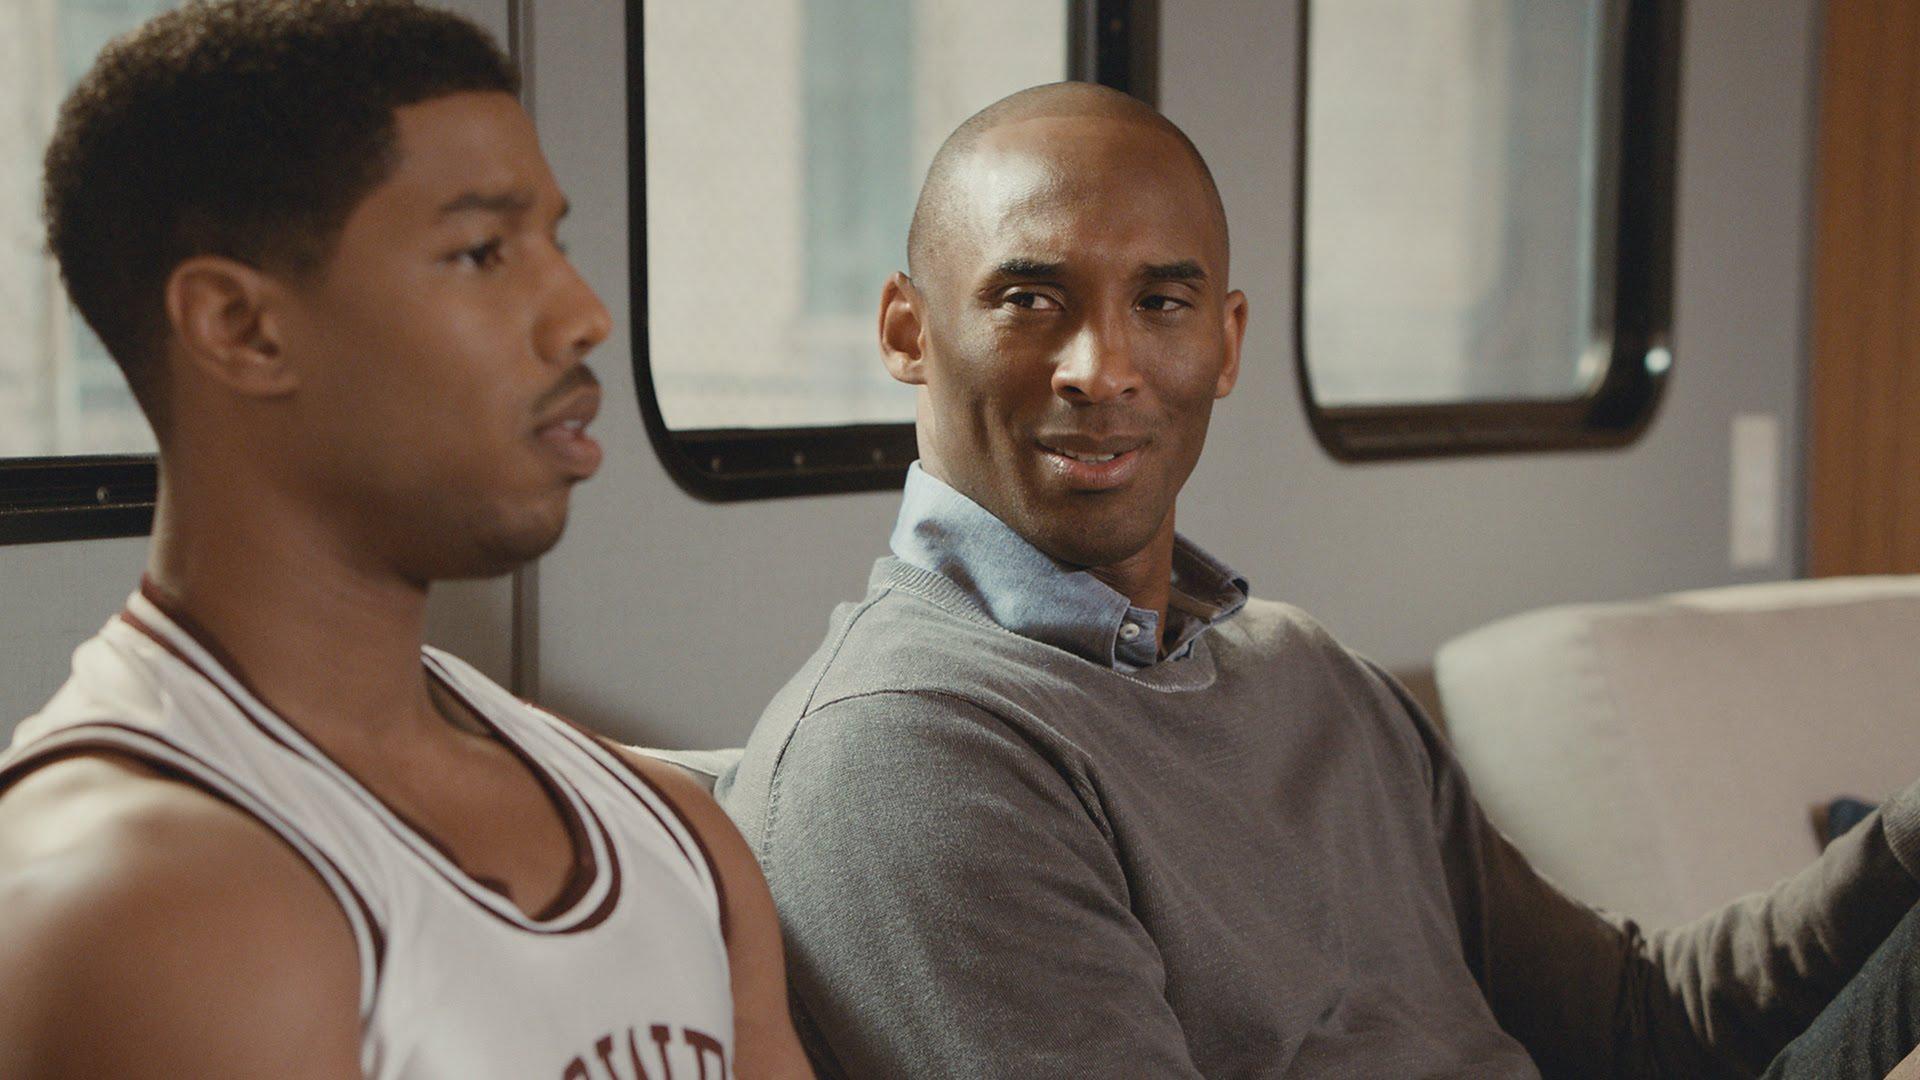 Actor Michael B. Jordan cracks on Kobe Bryant in new Apple commerical